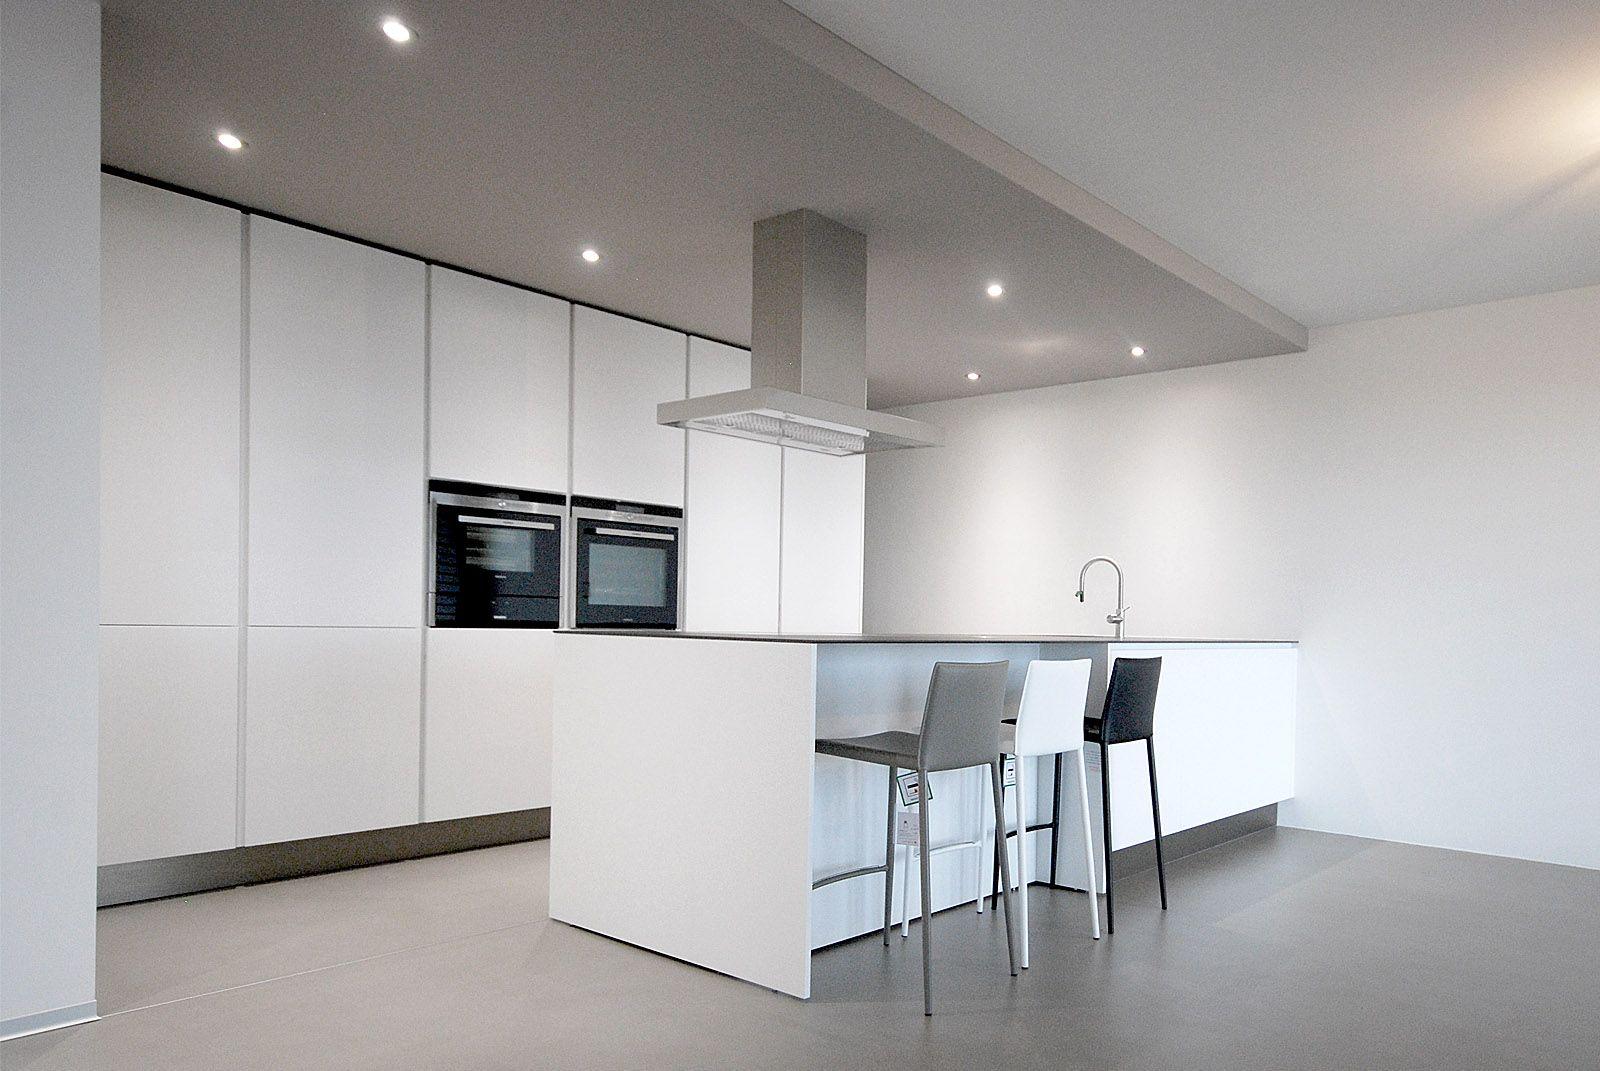 Esempi di cucine moderne cucina zafferano k with esempi - Esempi di cucine moderne ...